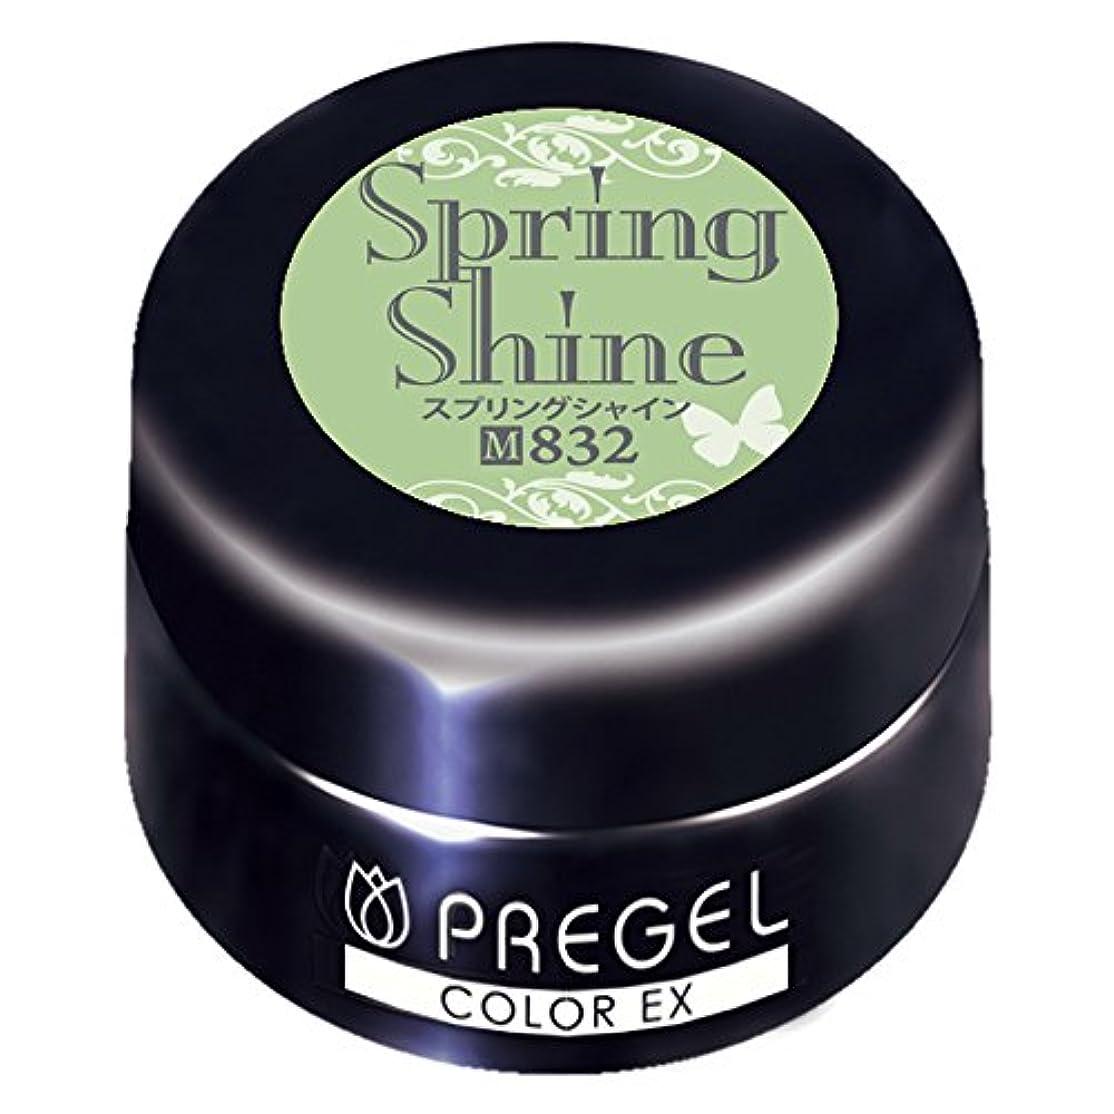 再生匹敵します勇者PRE GEL カラーEX スプリングシャイン832 3g UV/LED対応